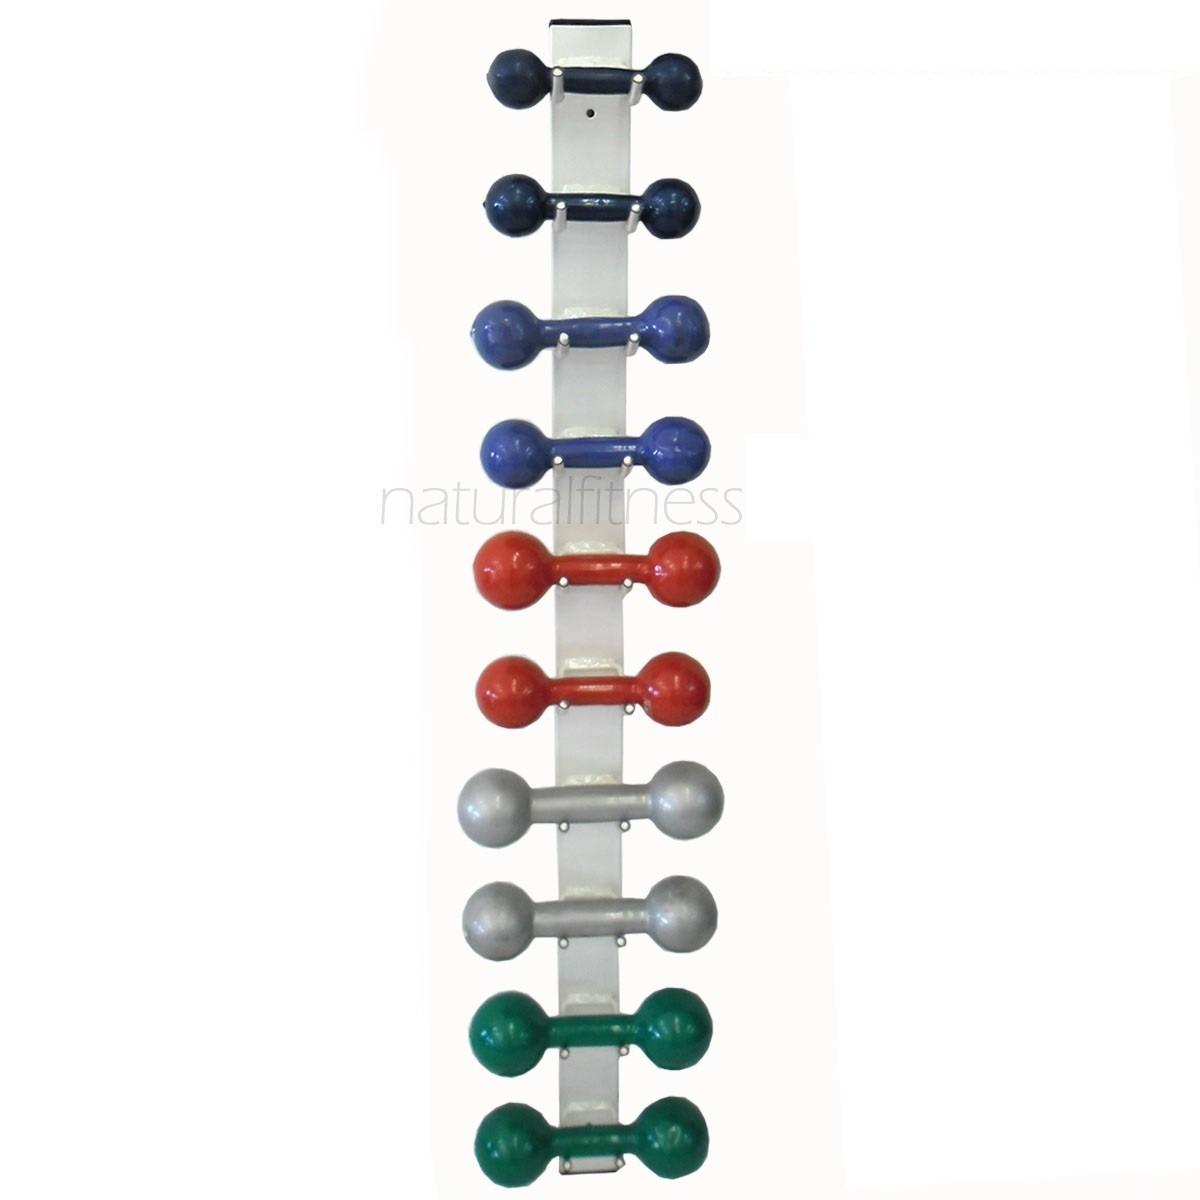 suporte parede kit pesos 5 pares halter de 1 a 5 kg r 337 00 em mercado livre. Black Bedroom Furniture Sets. Home Design Ideas